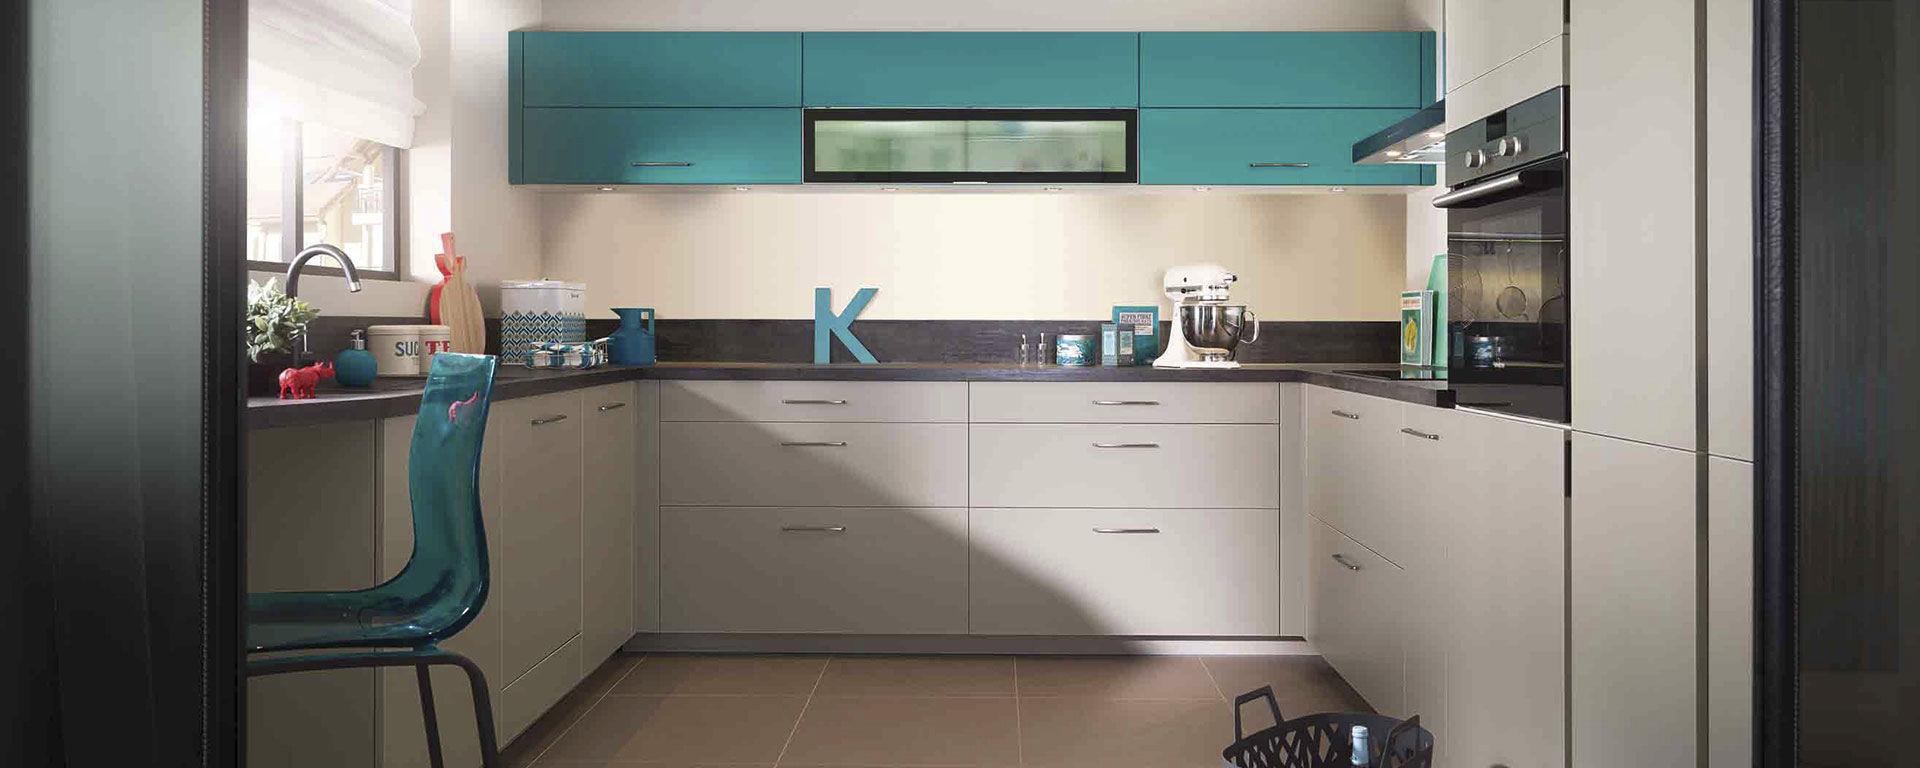 moderne küche / aus ebenholz / laminat / u-rohr - ambiance azur